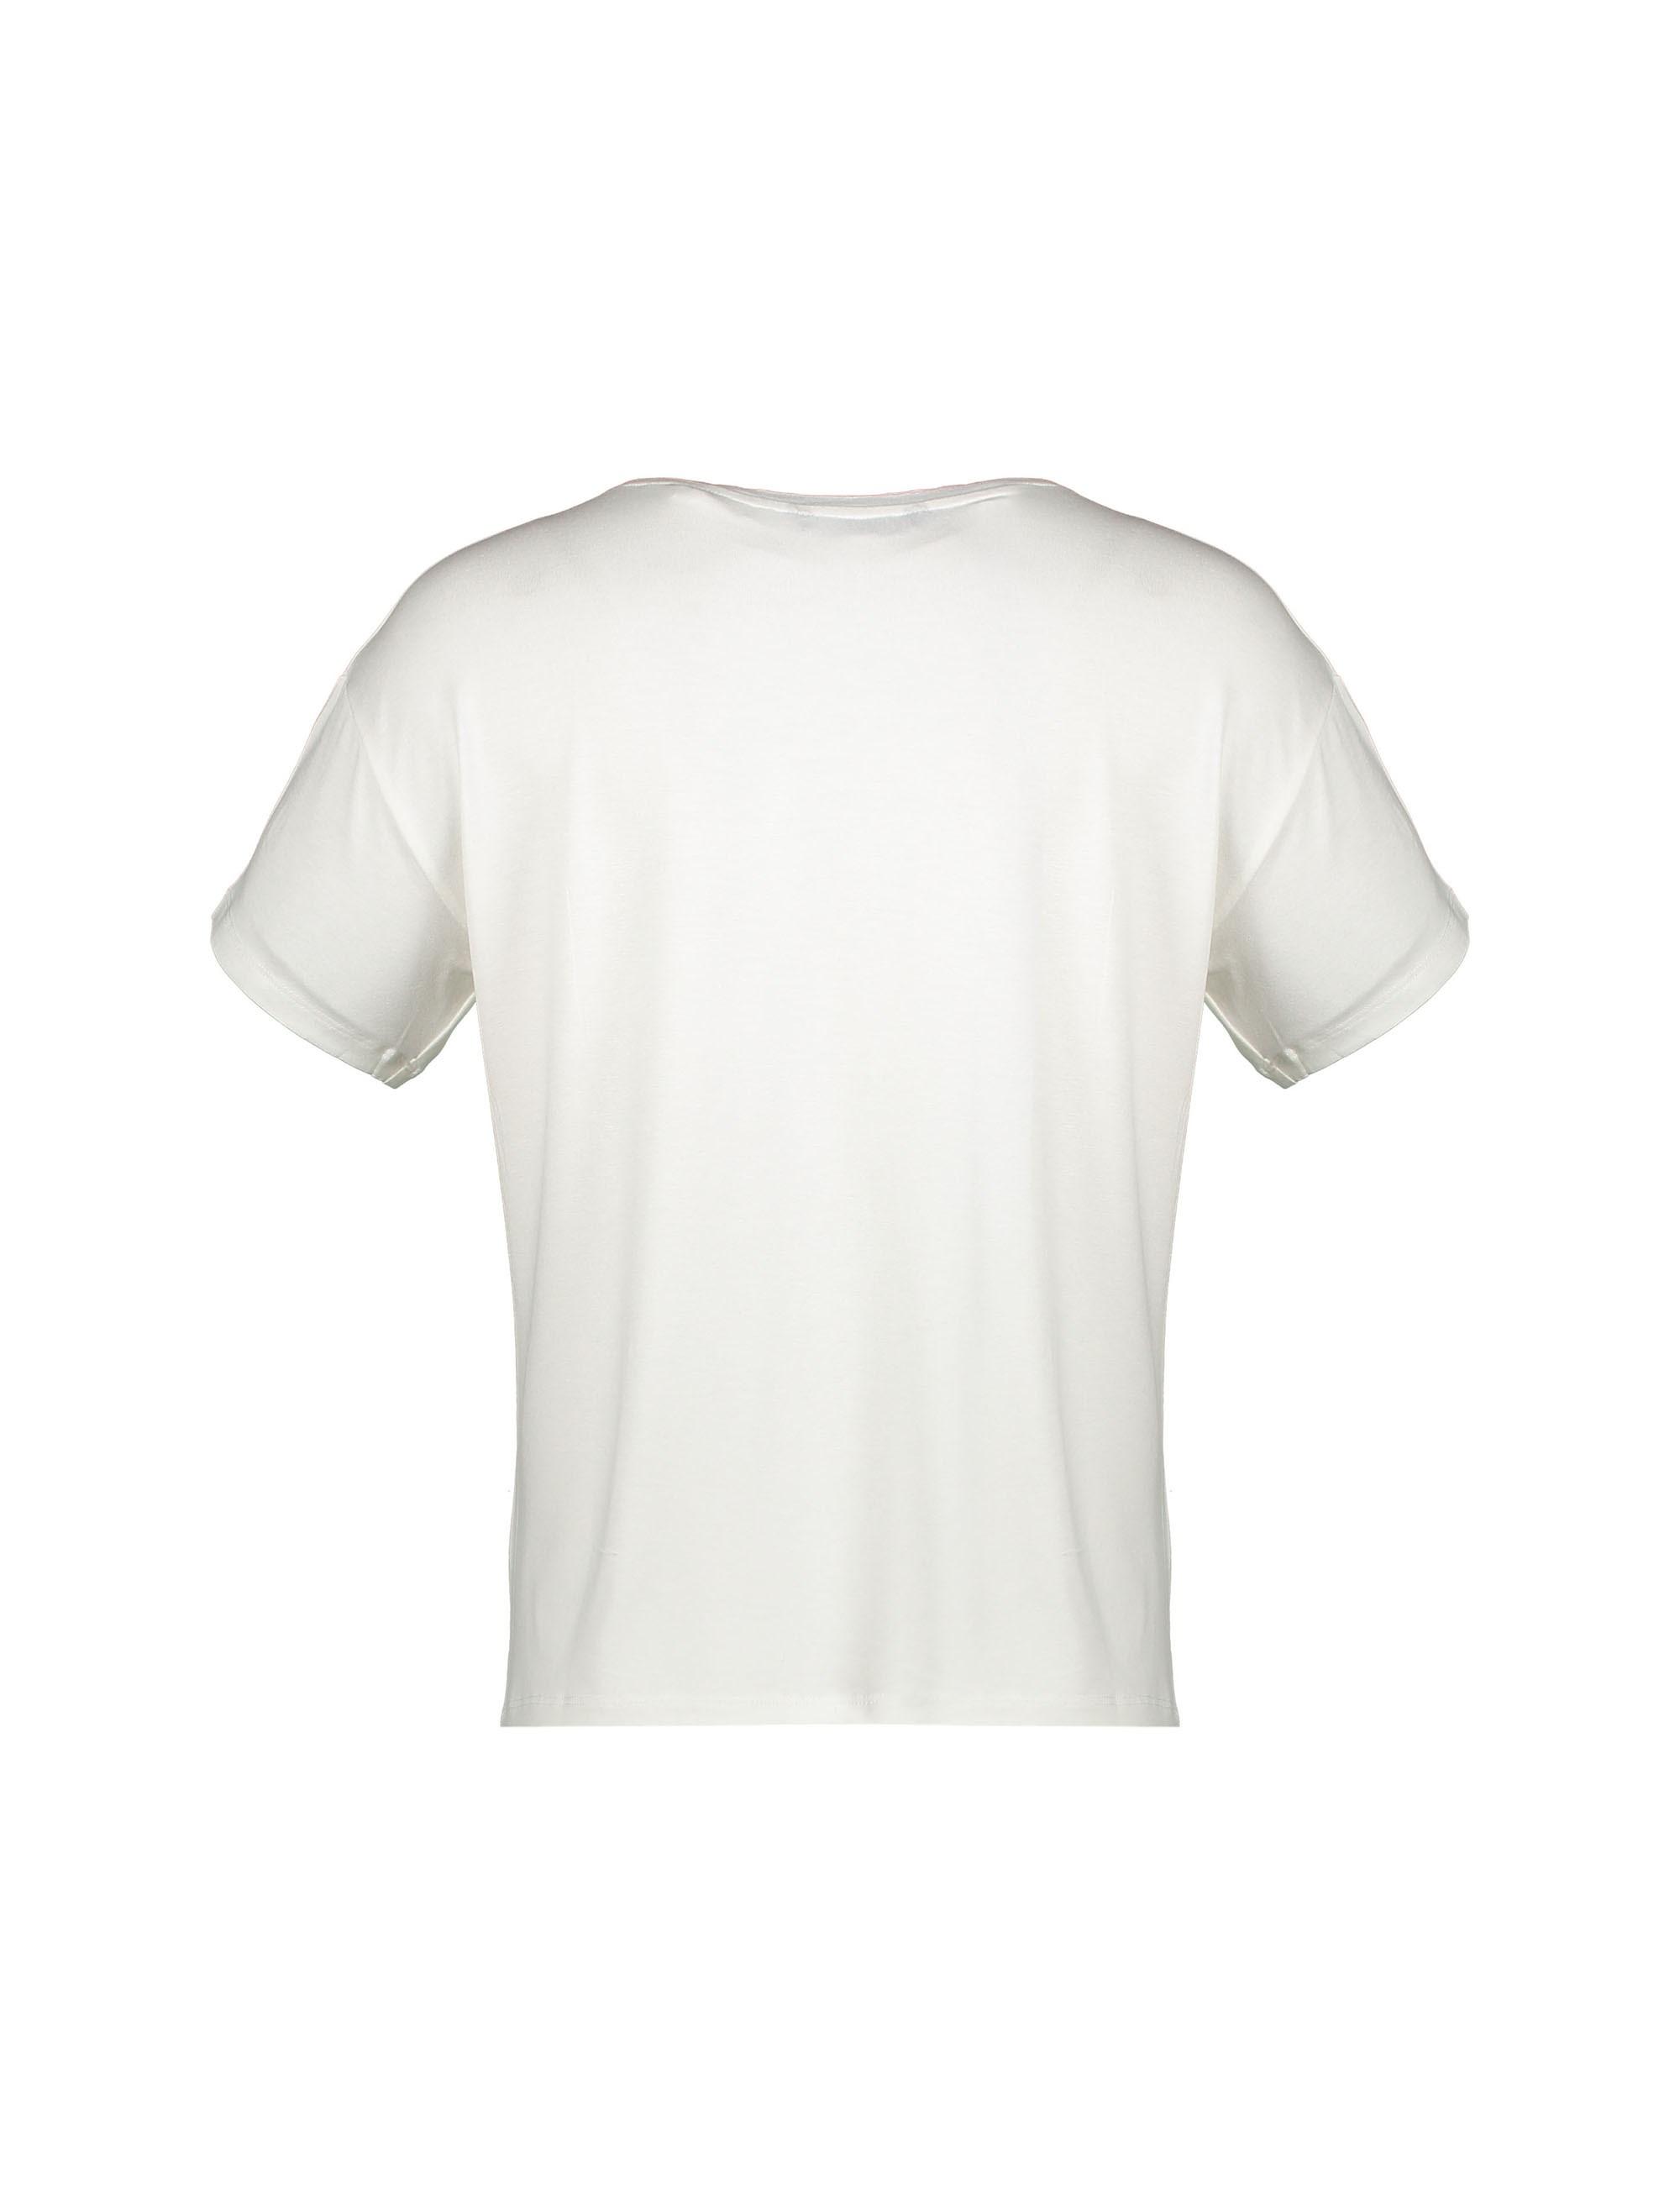 تی شرت ویسکوز یقه گرد زنانه - ال سی وایکیکی - سفيد - 5